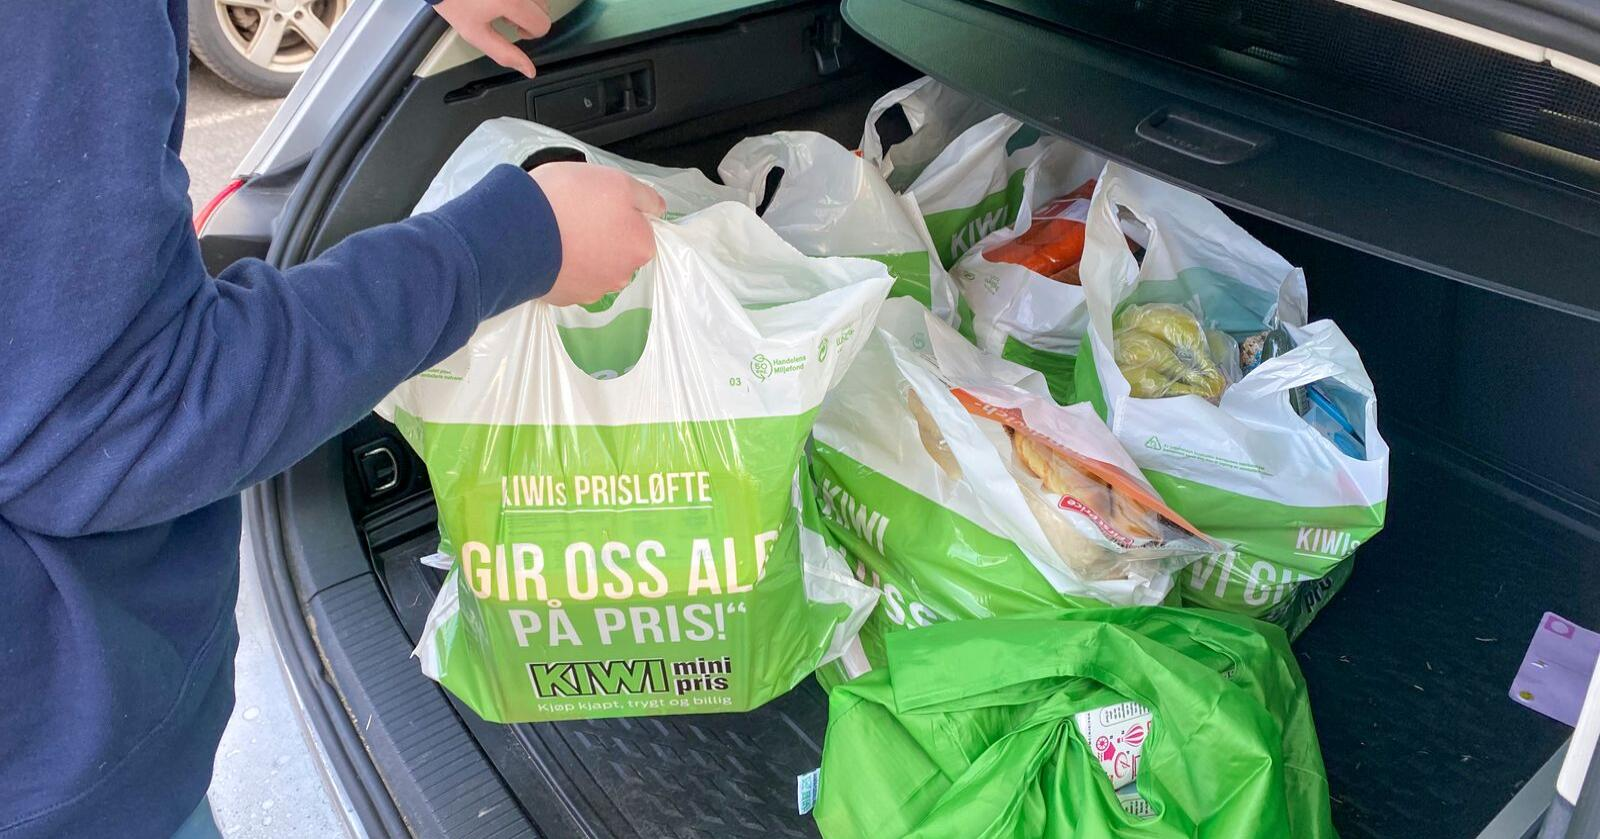 Dagligvarekjedene er ikke enige om hvordan matprisene utvikler seg. Norgesgruppen tror handleposene blir dyrere.  Foto: Erik Johansen / NTB scanpix